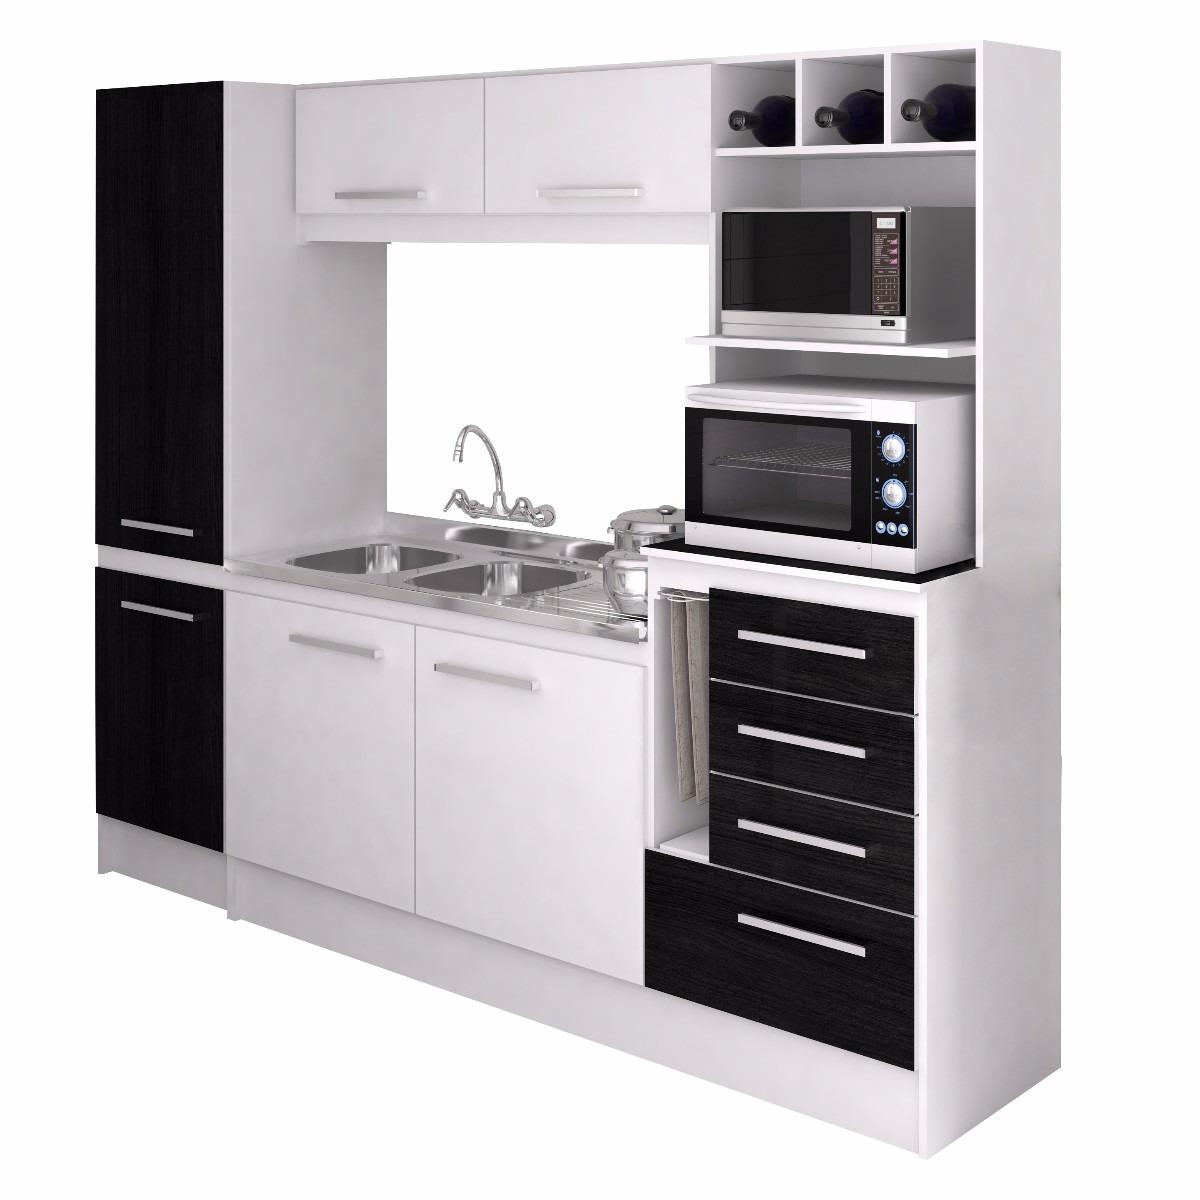 Muebles Para Cocina Color Blanco | Mueble Alto Enchapado En Formica ...